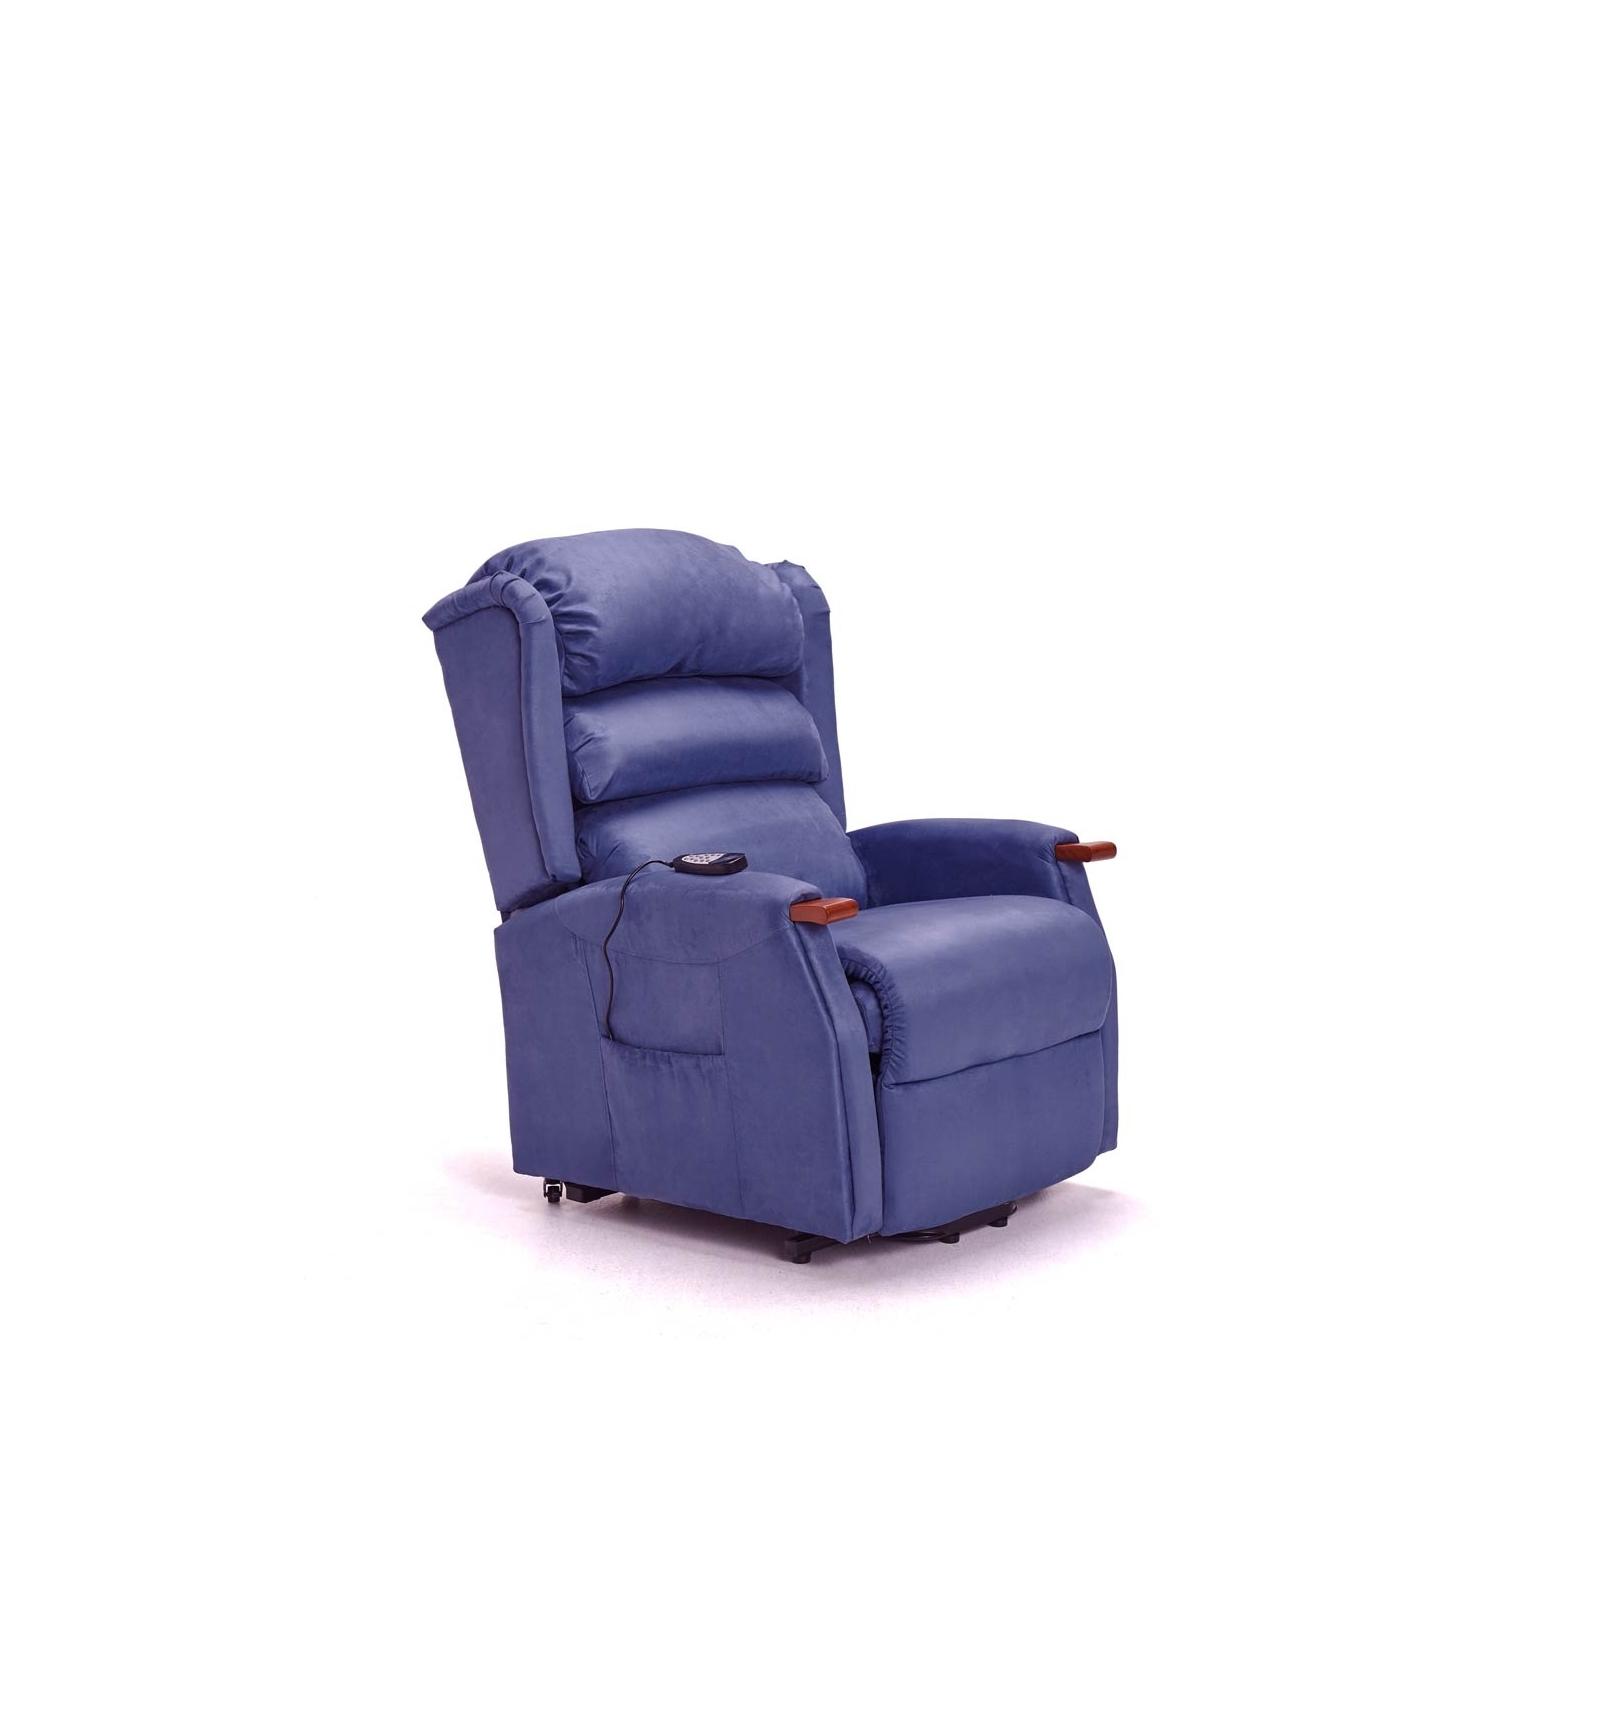 Sessel mit massage und aufstehhilfe for Aufstehhilfe sessel